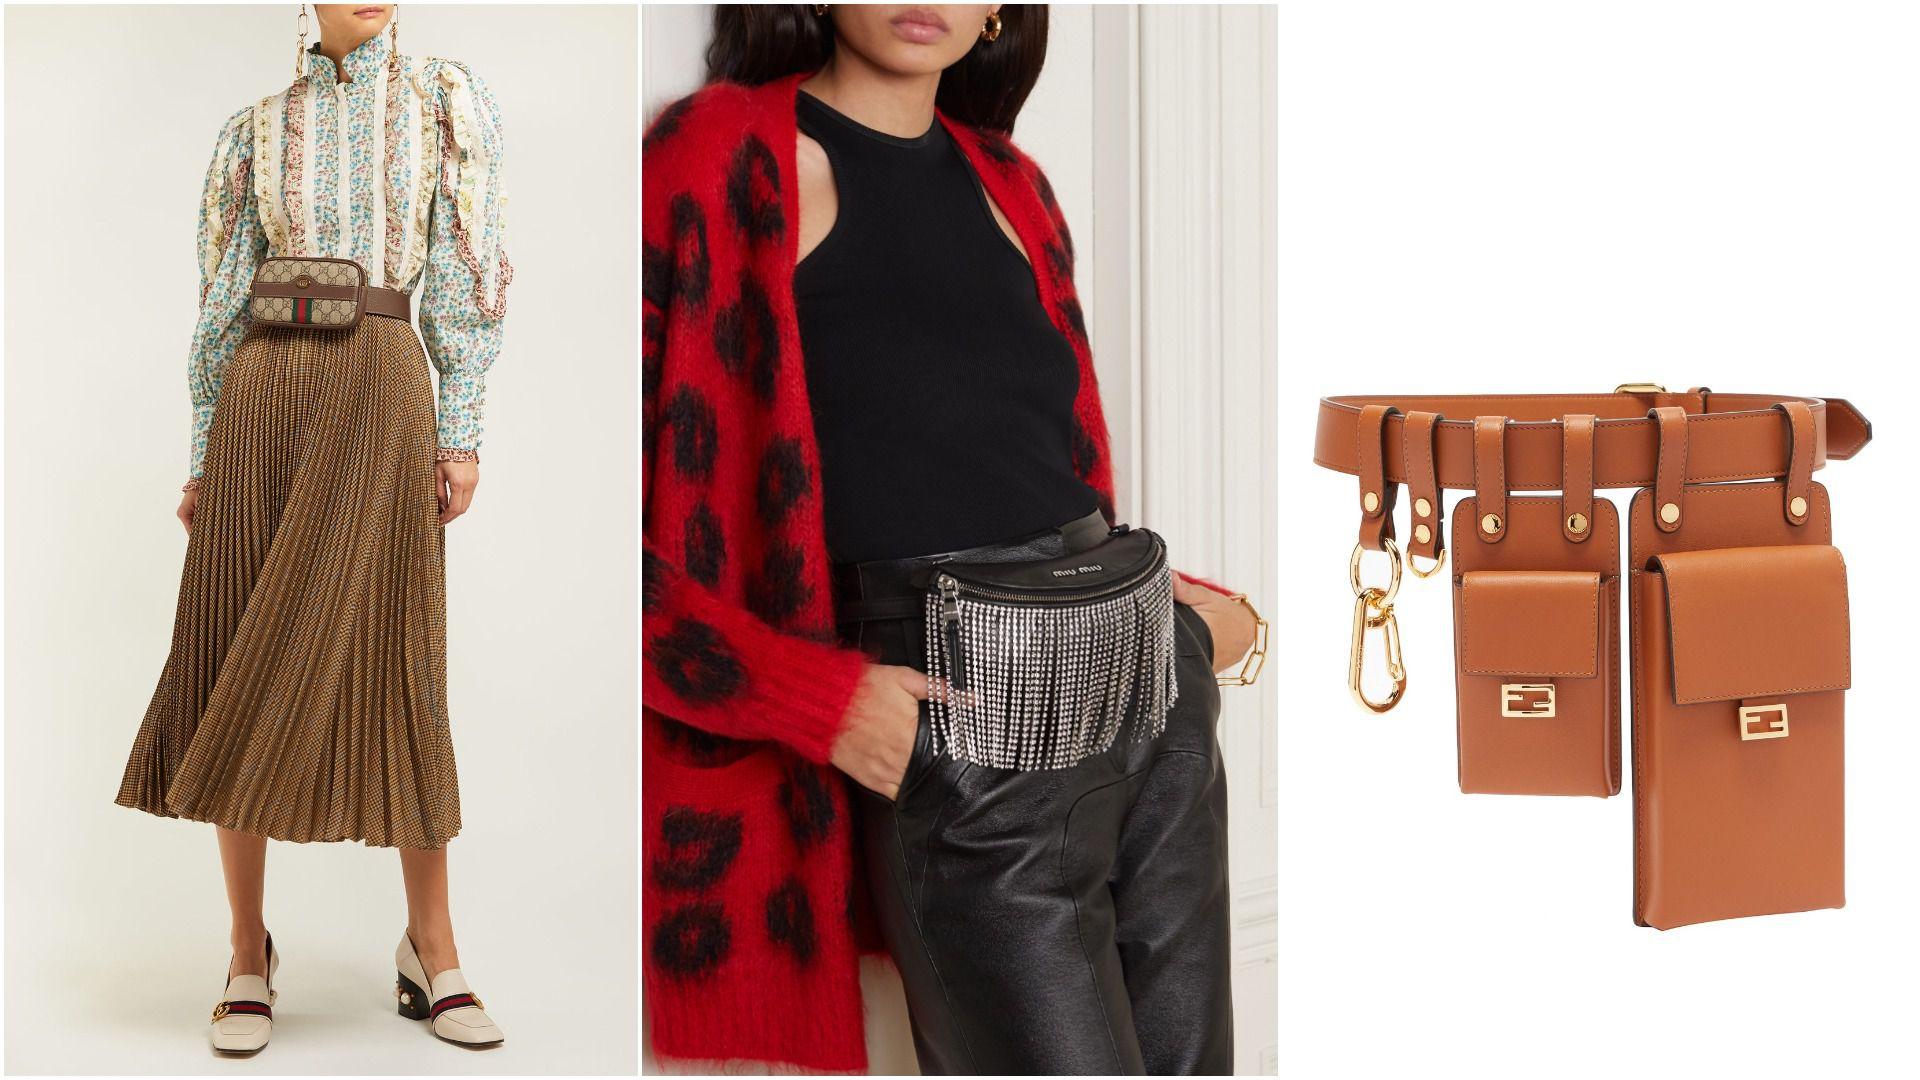 Torbice oko struka ponovno s jako fashion: 10 najljepših torbica iz dizajnerske i high street ponude